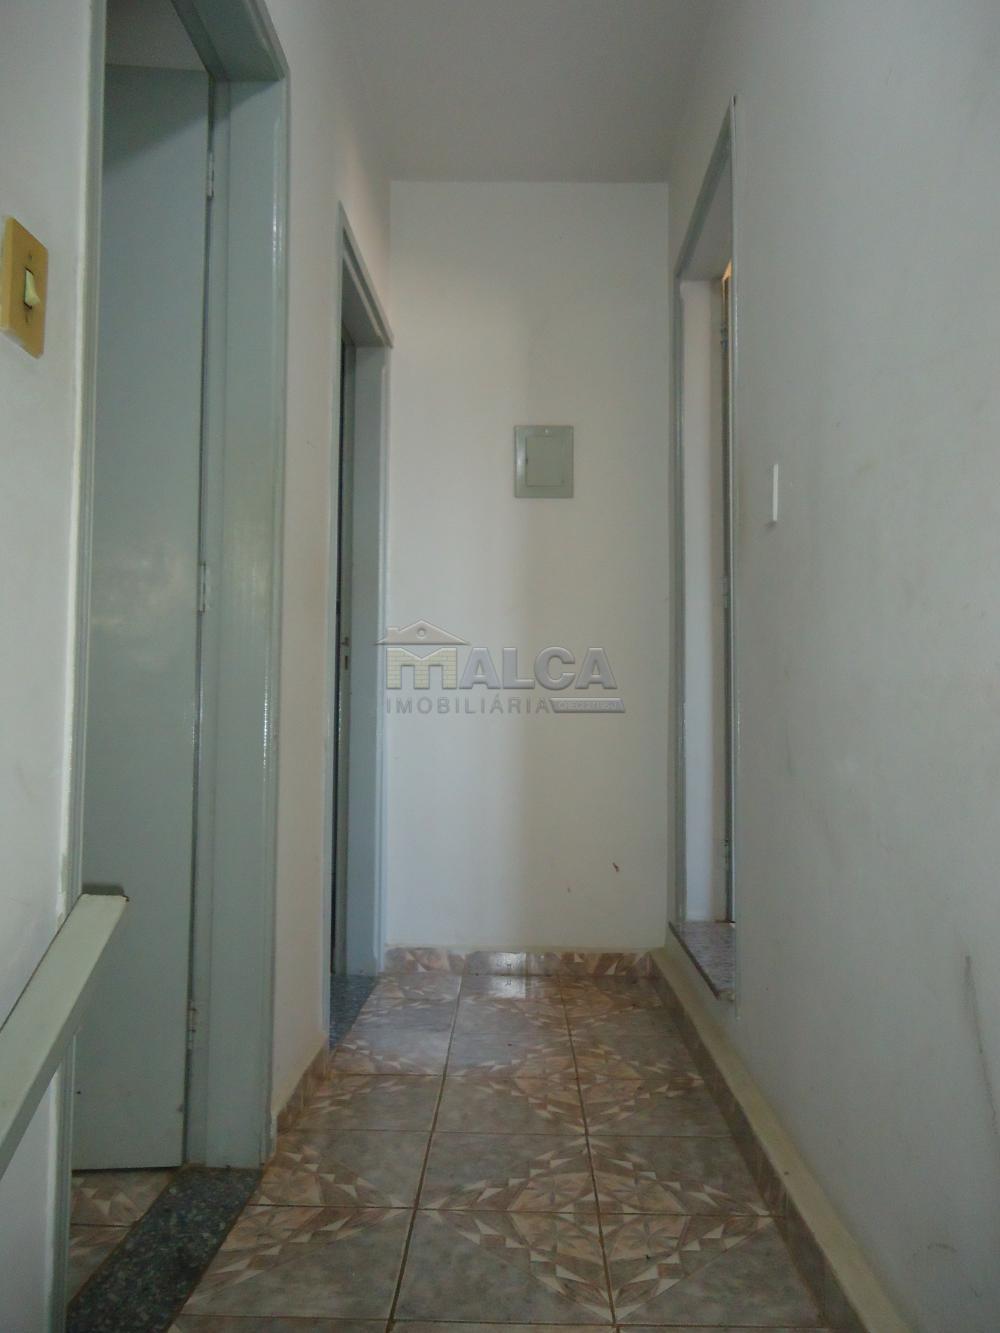 Alugar Casas / Padrão em São José do Rio Pardo apenas R$ 670,00 - Foto 16